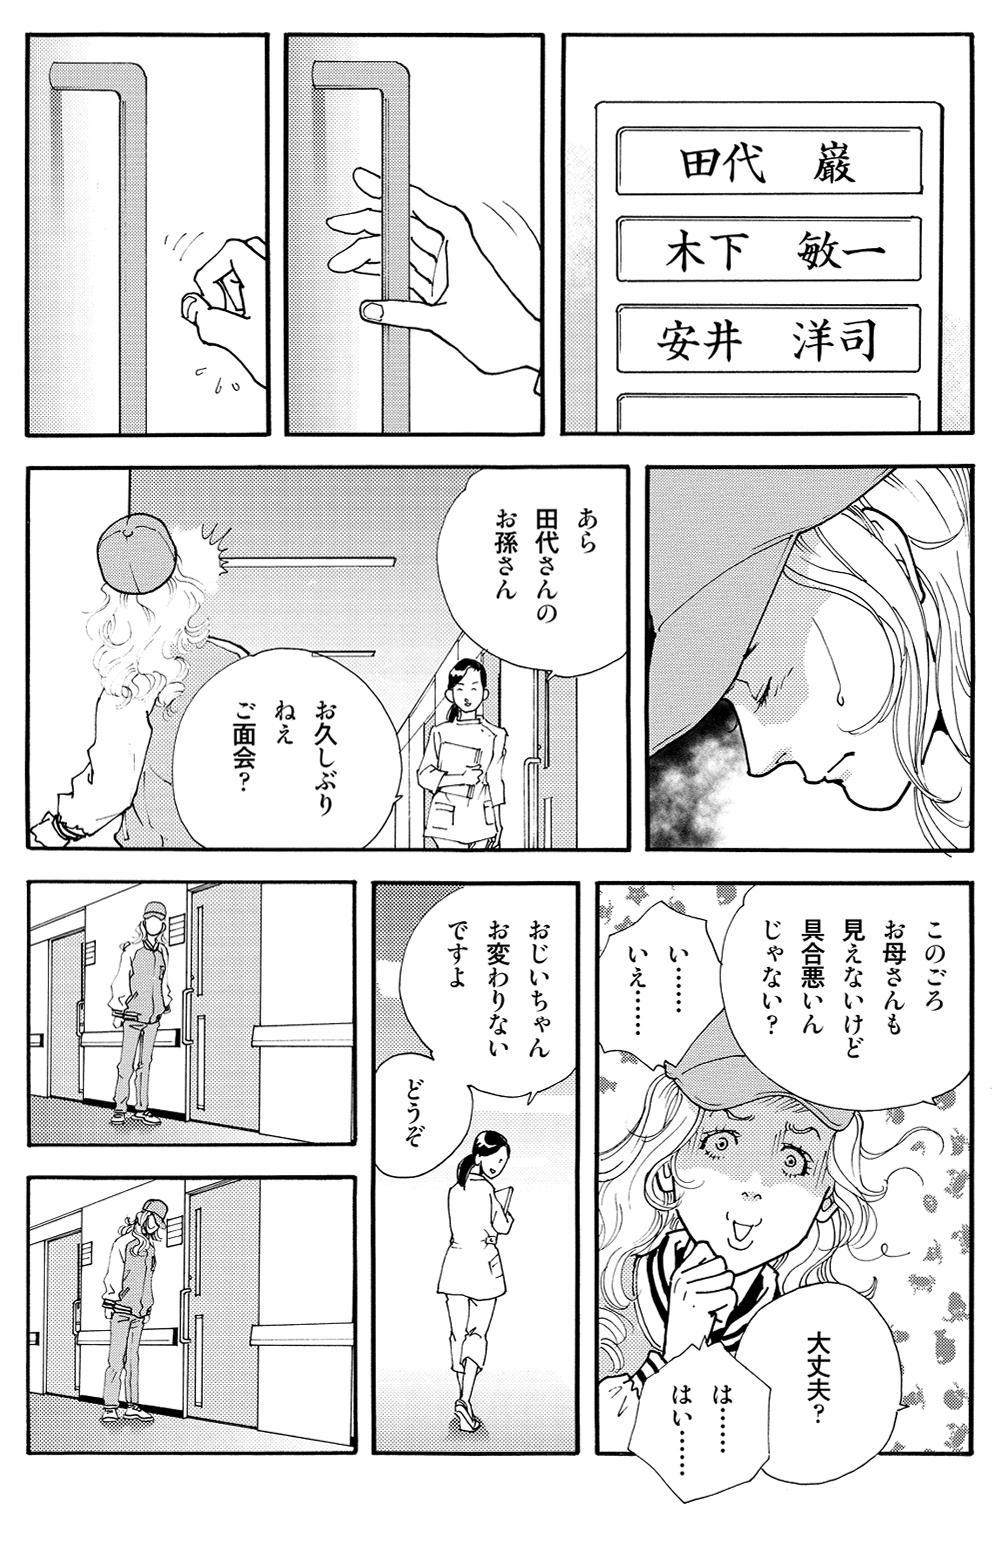 ヘルプマン!! 第3話「怪しい男」helpman03-12.jpg